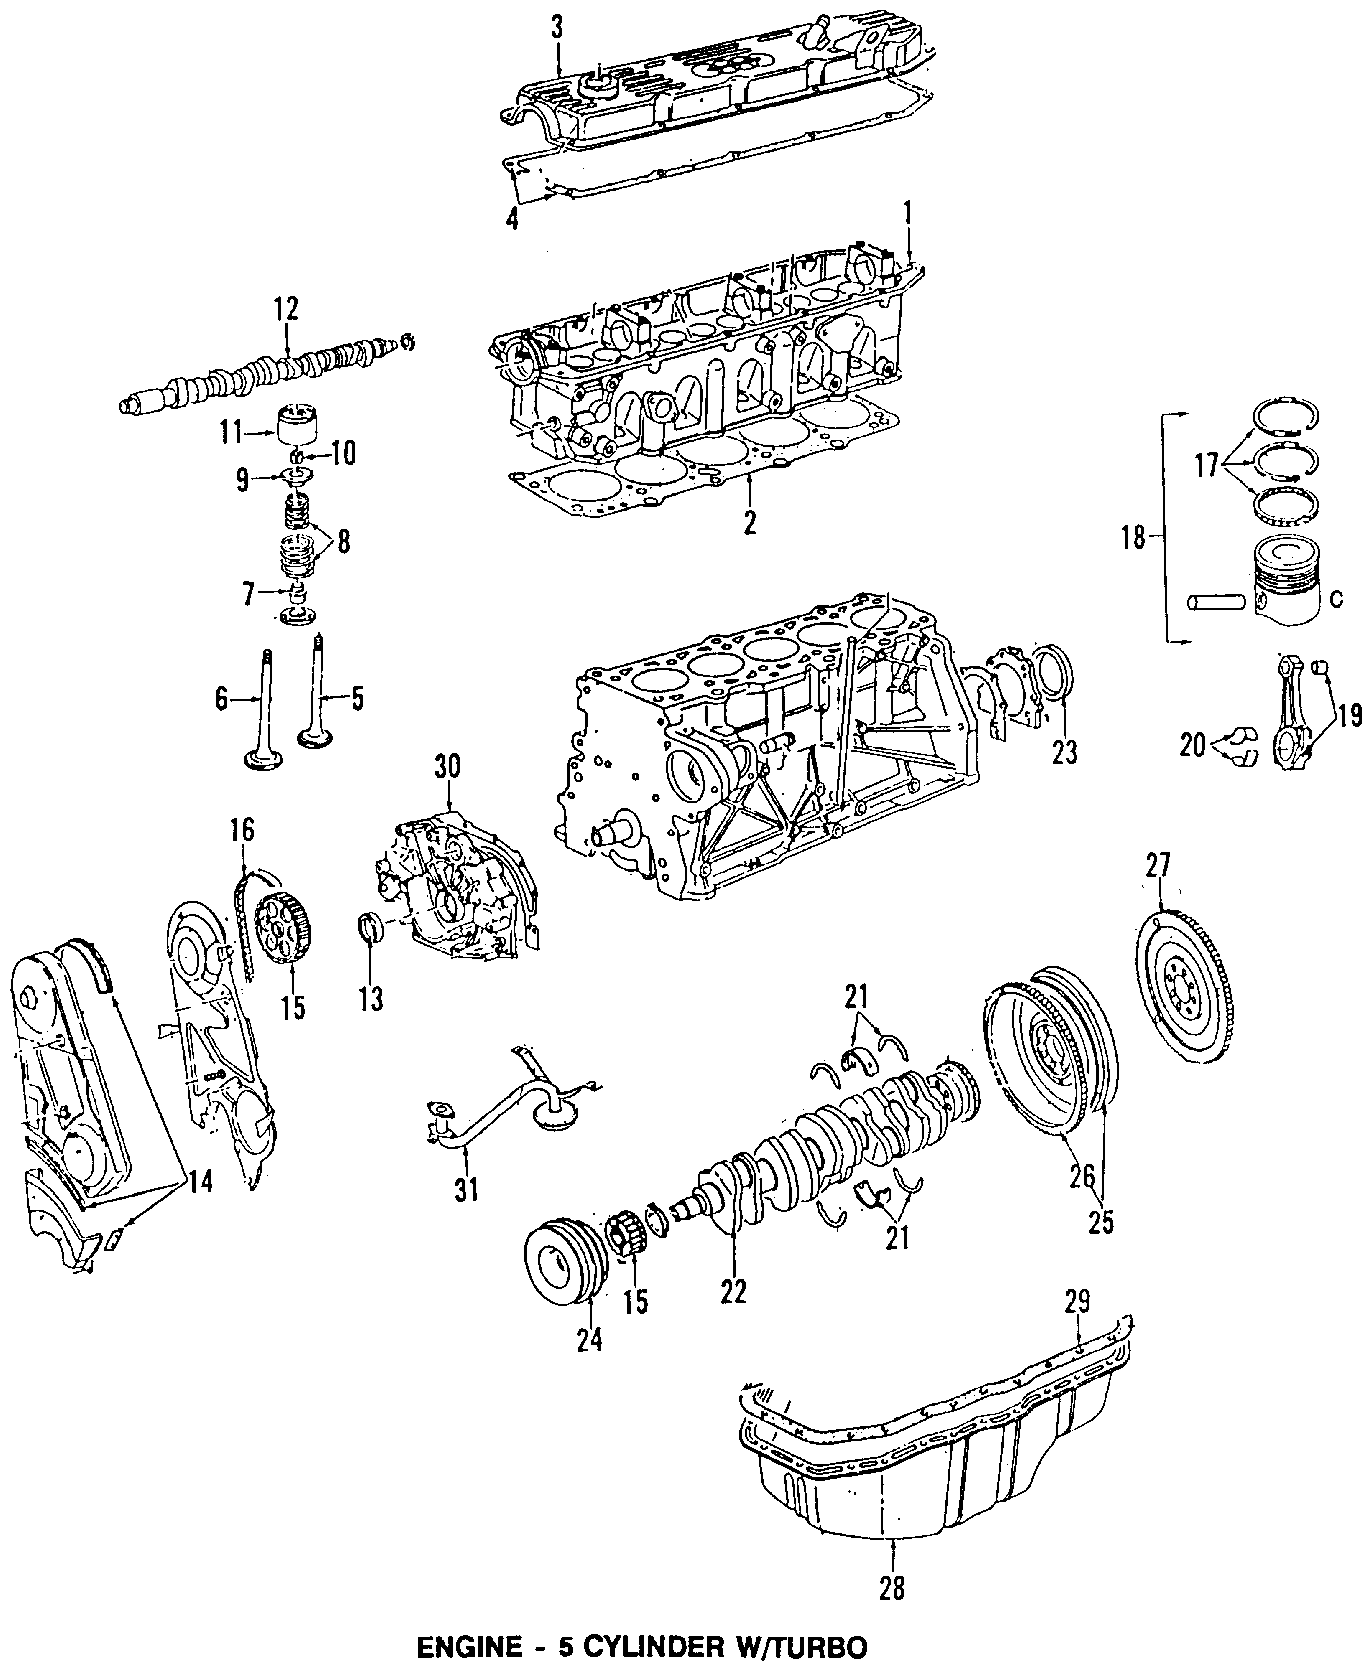 tags: #2003 volkswagen jetta engine diagram#2000 jetta parts diagram#2005  volkswagen jetta engine diagram#2002 vw jetta engine diagram#2005 vw jetta  parts